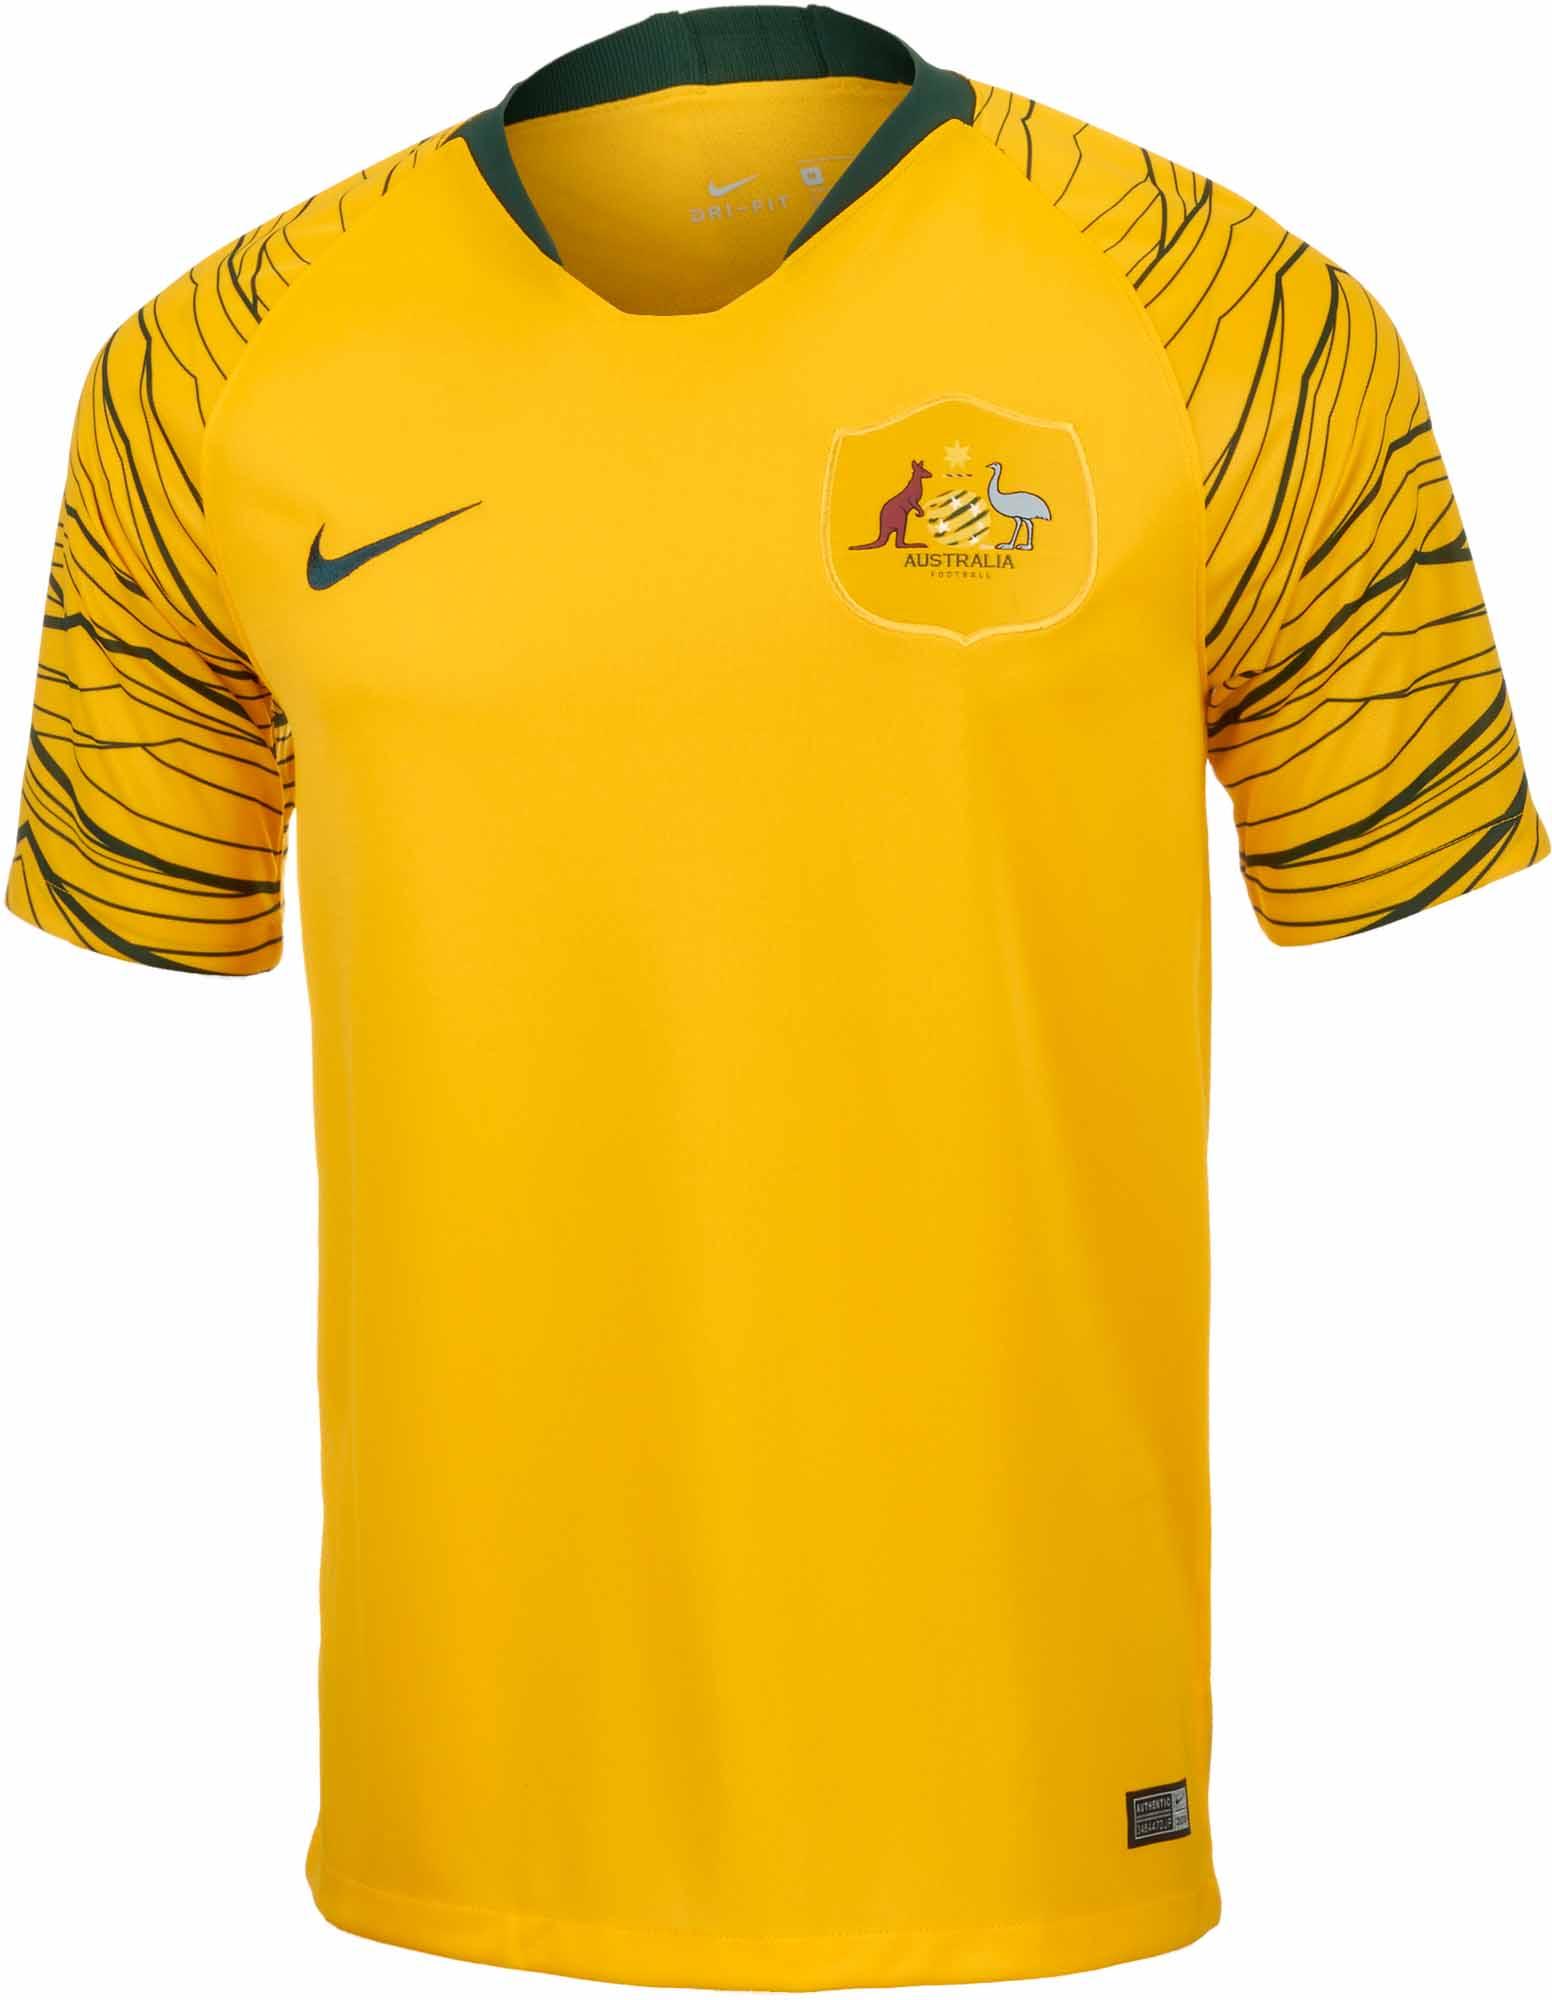 Nike Australia Home Jersey 2018-19 - SoccerPro